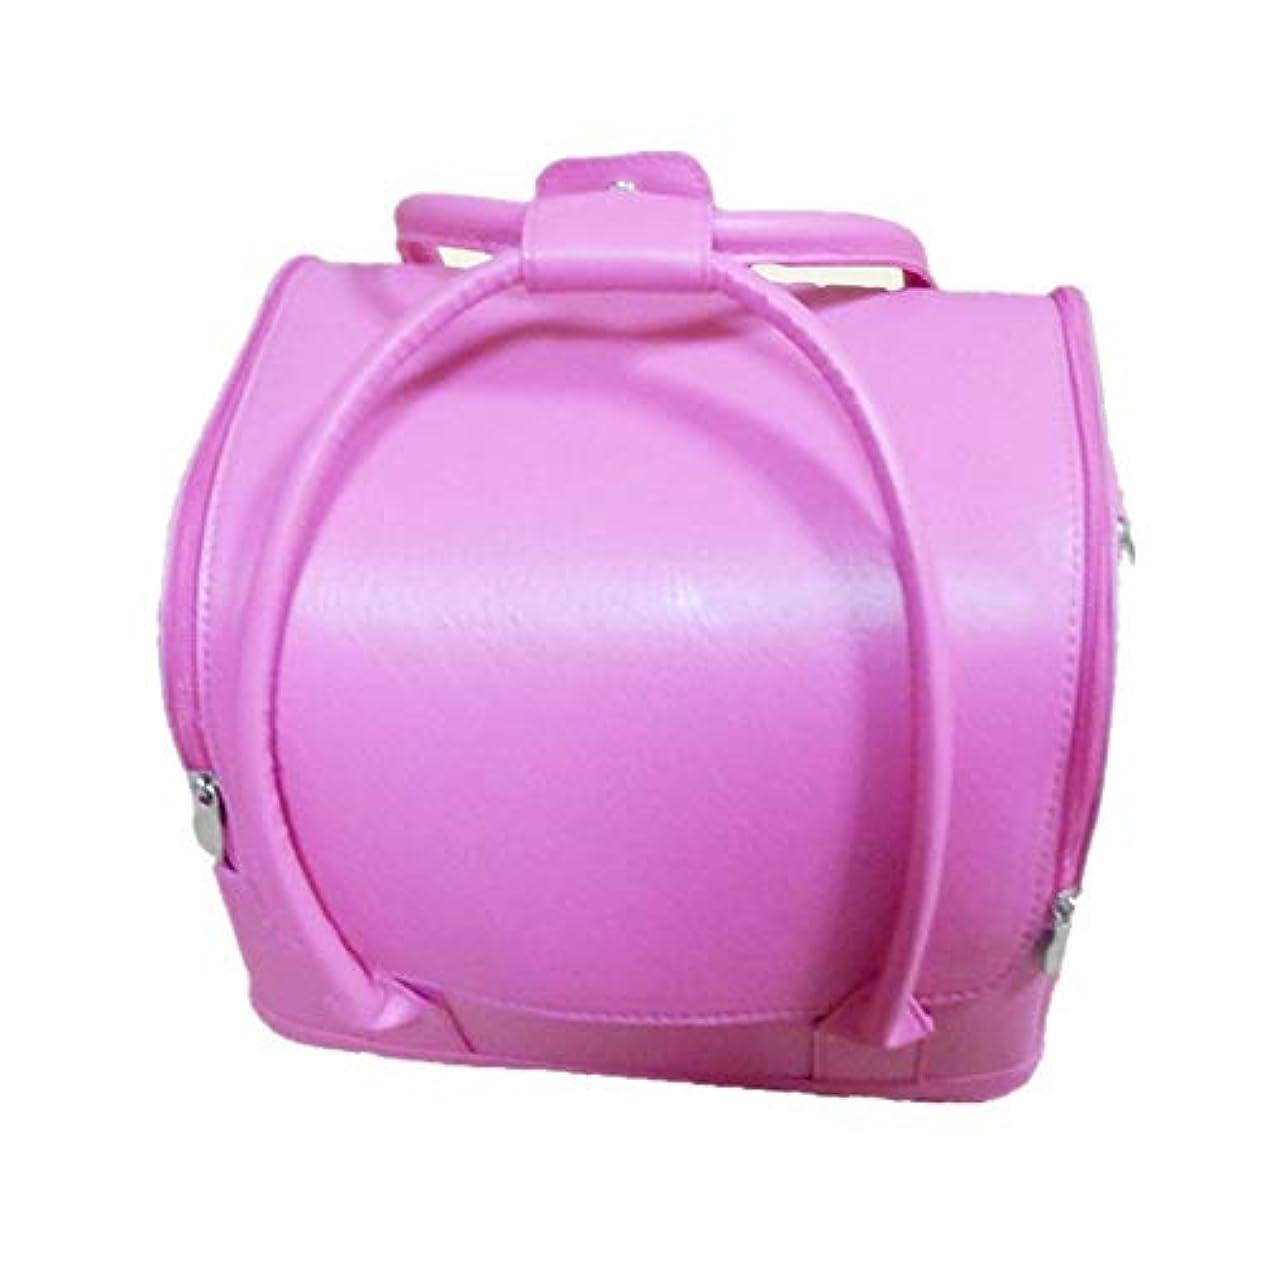 アミューズメント簿記係けん引化粧オーガナイザーバッグ 美しいメイクアップのための純粋な色ポータブル化粧品袋と女性の女性の旅行とジッパーで毎日のストレージ 化粧品ケース